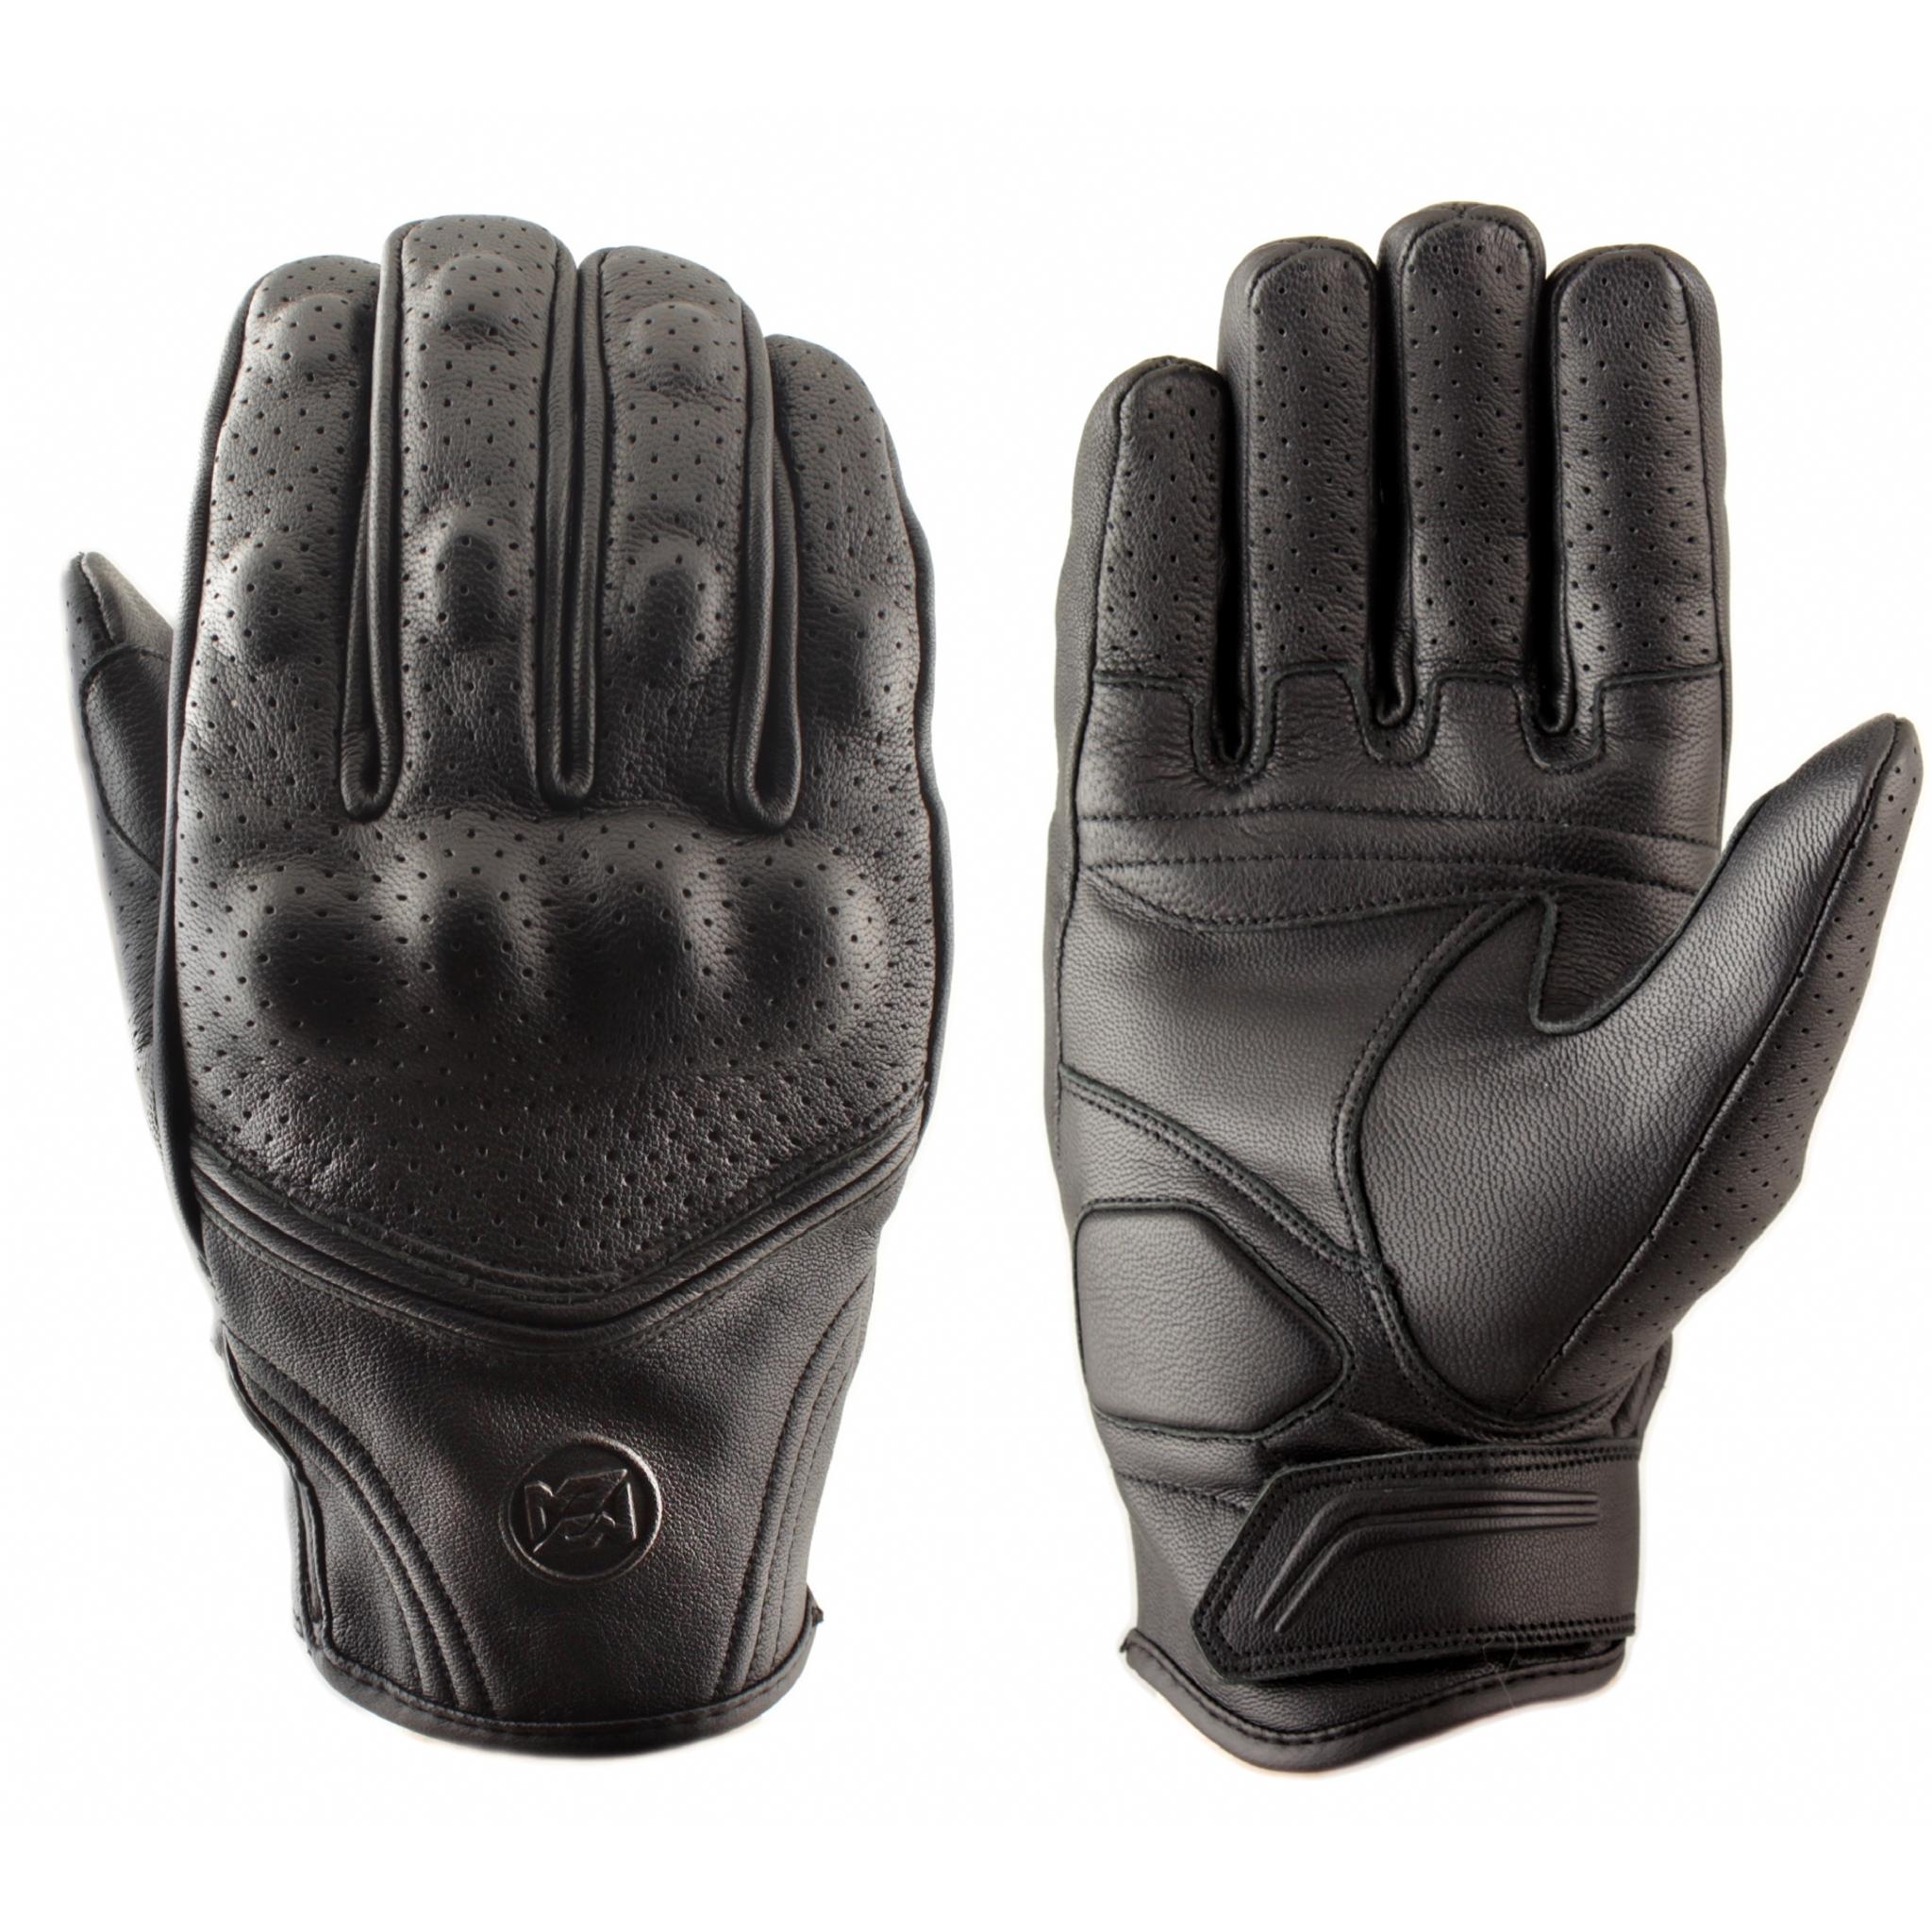 Перчатки мотоциклетные MOTEQ Vulcan перфорация, мужской(ие)